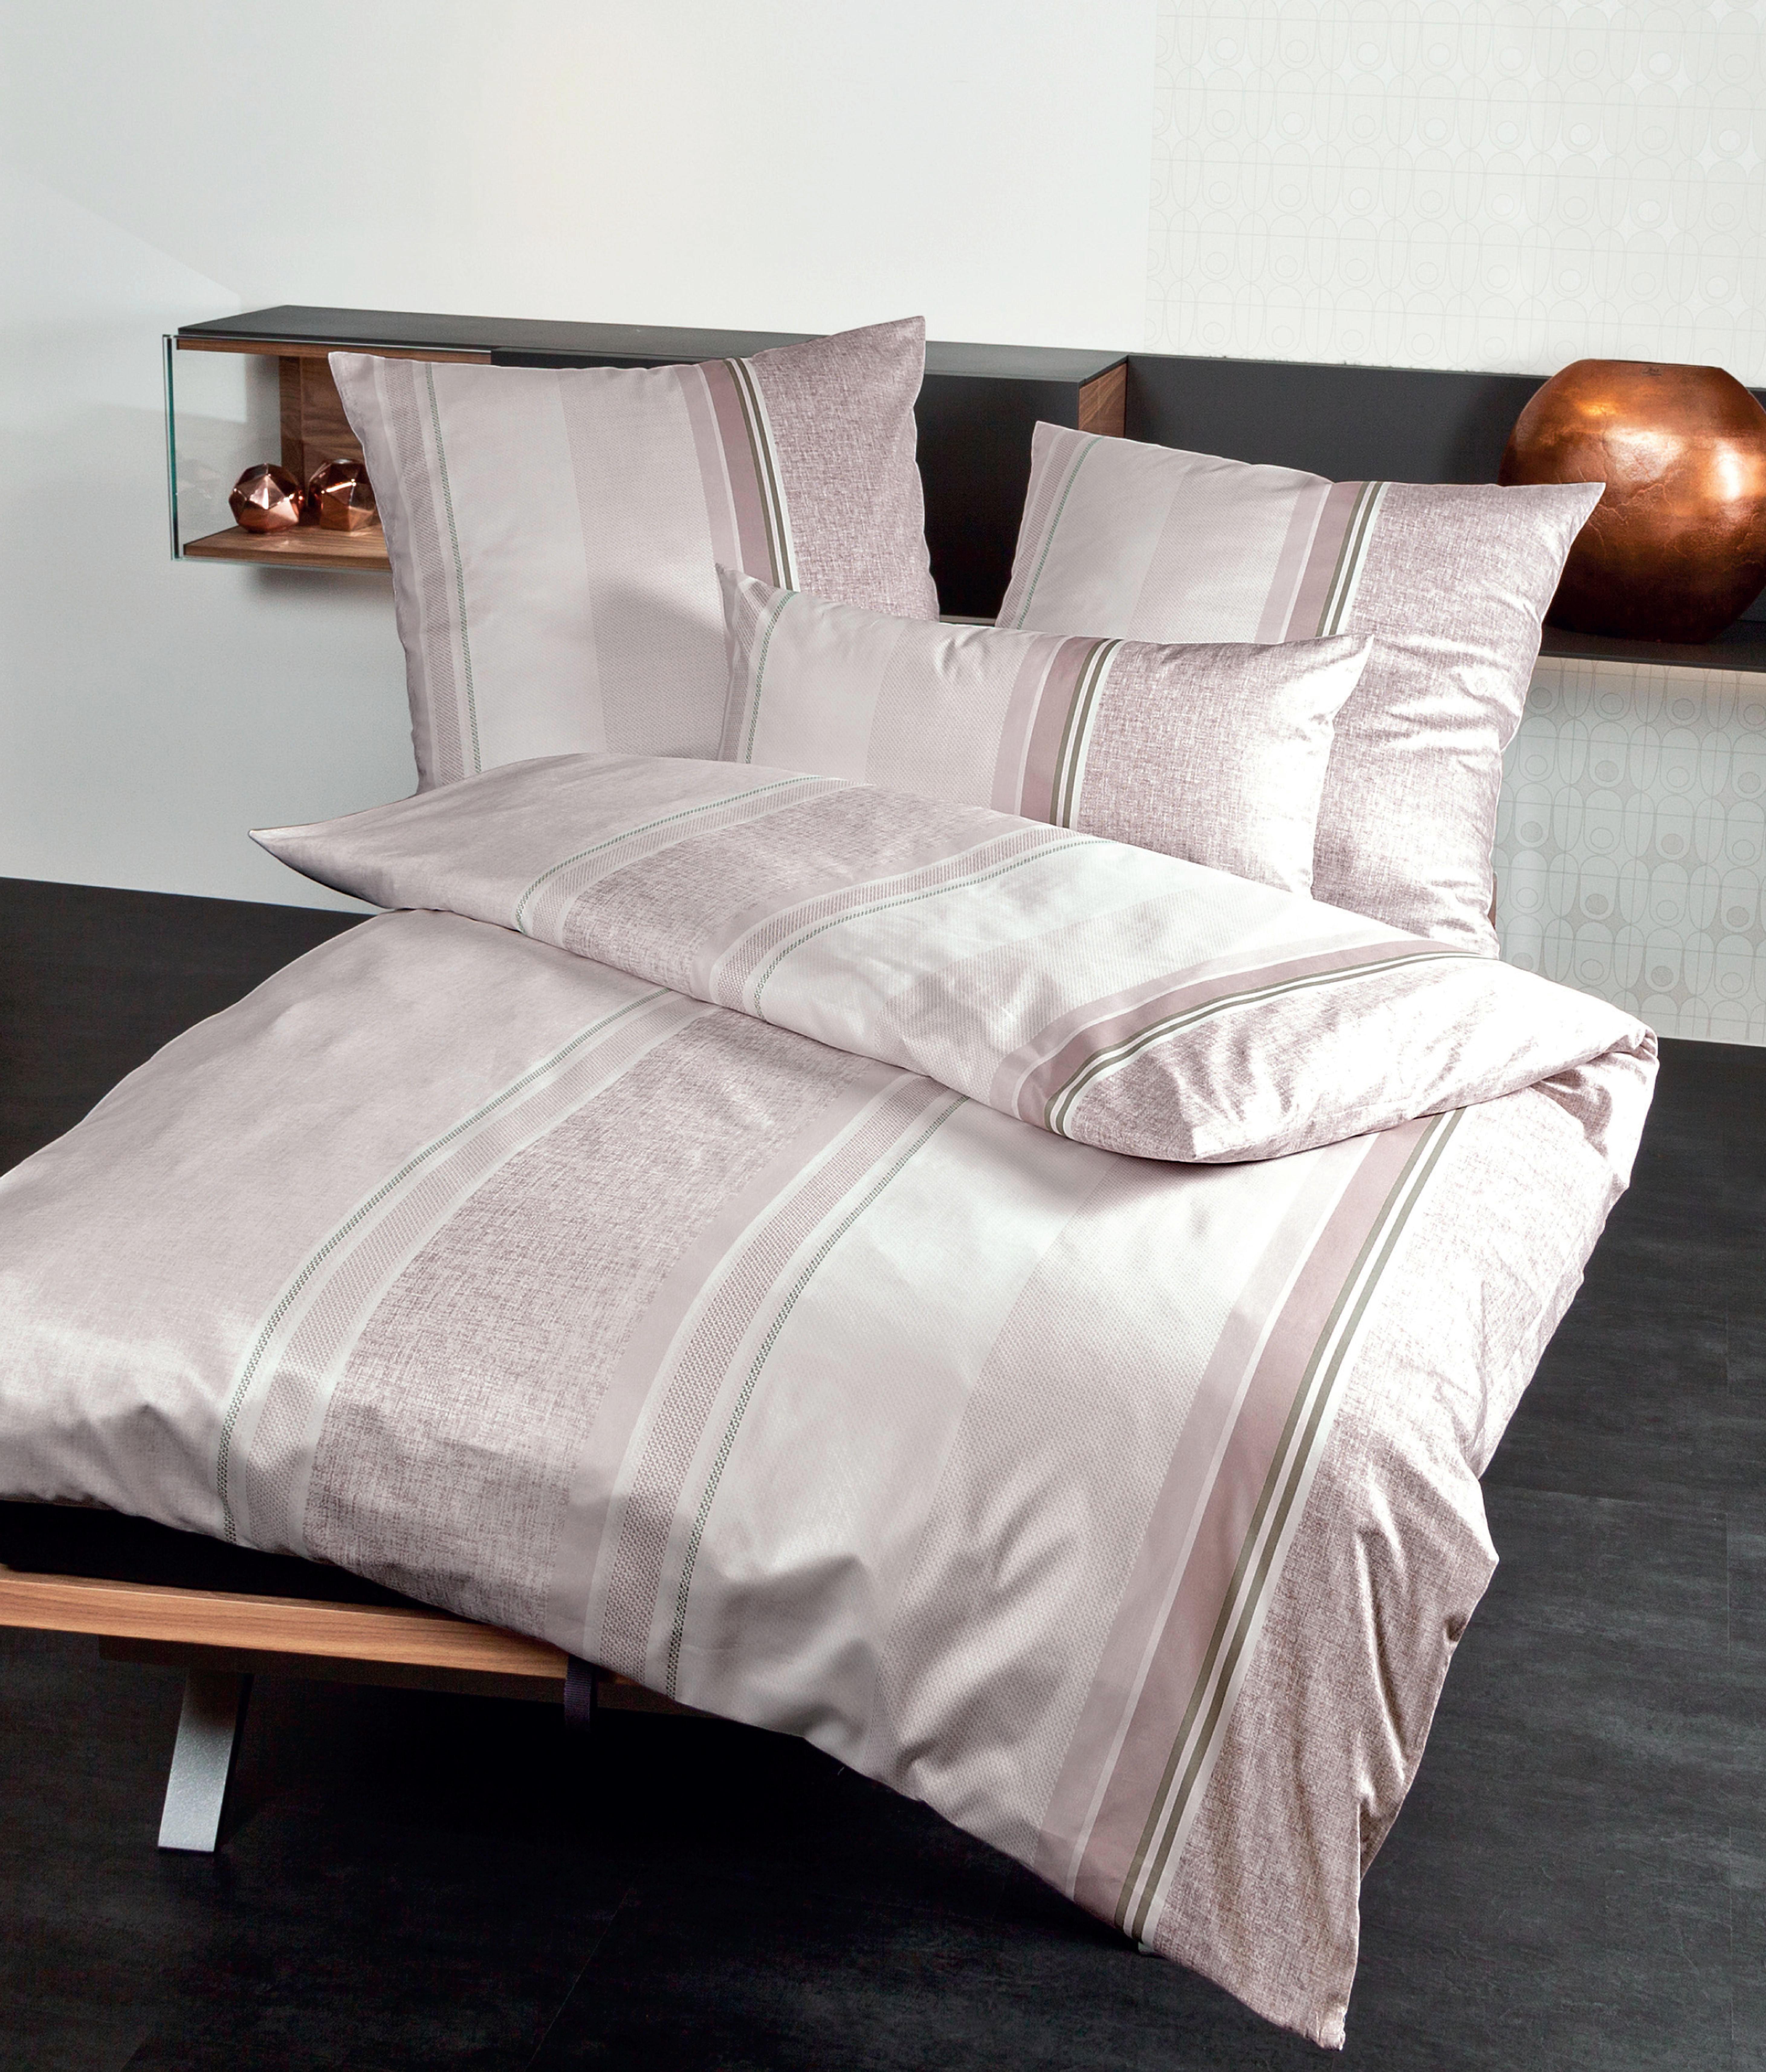 BETTWÄSCHE Makosatin Rosa 135/200 cm - Rosa, KONVENTIONELL, Textil (135/200cm) - JANINE